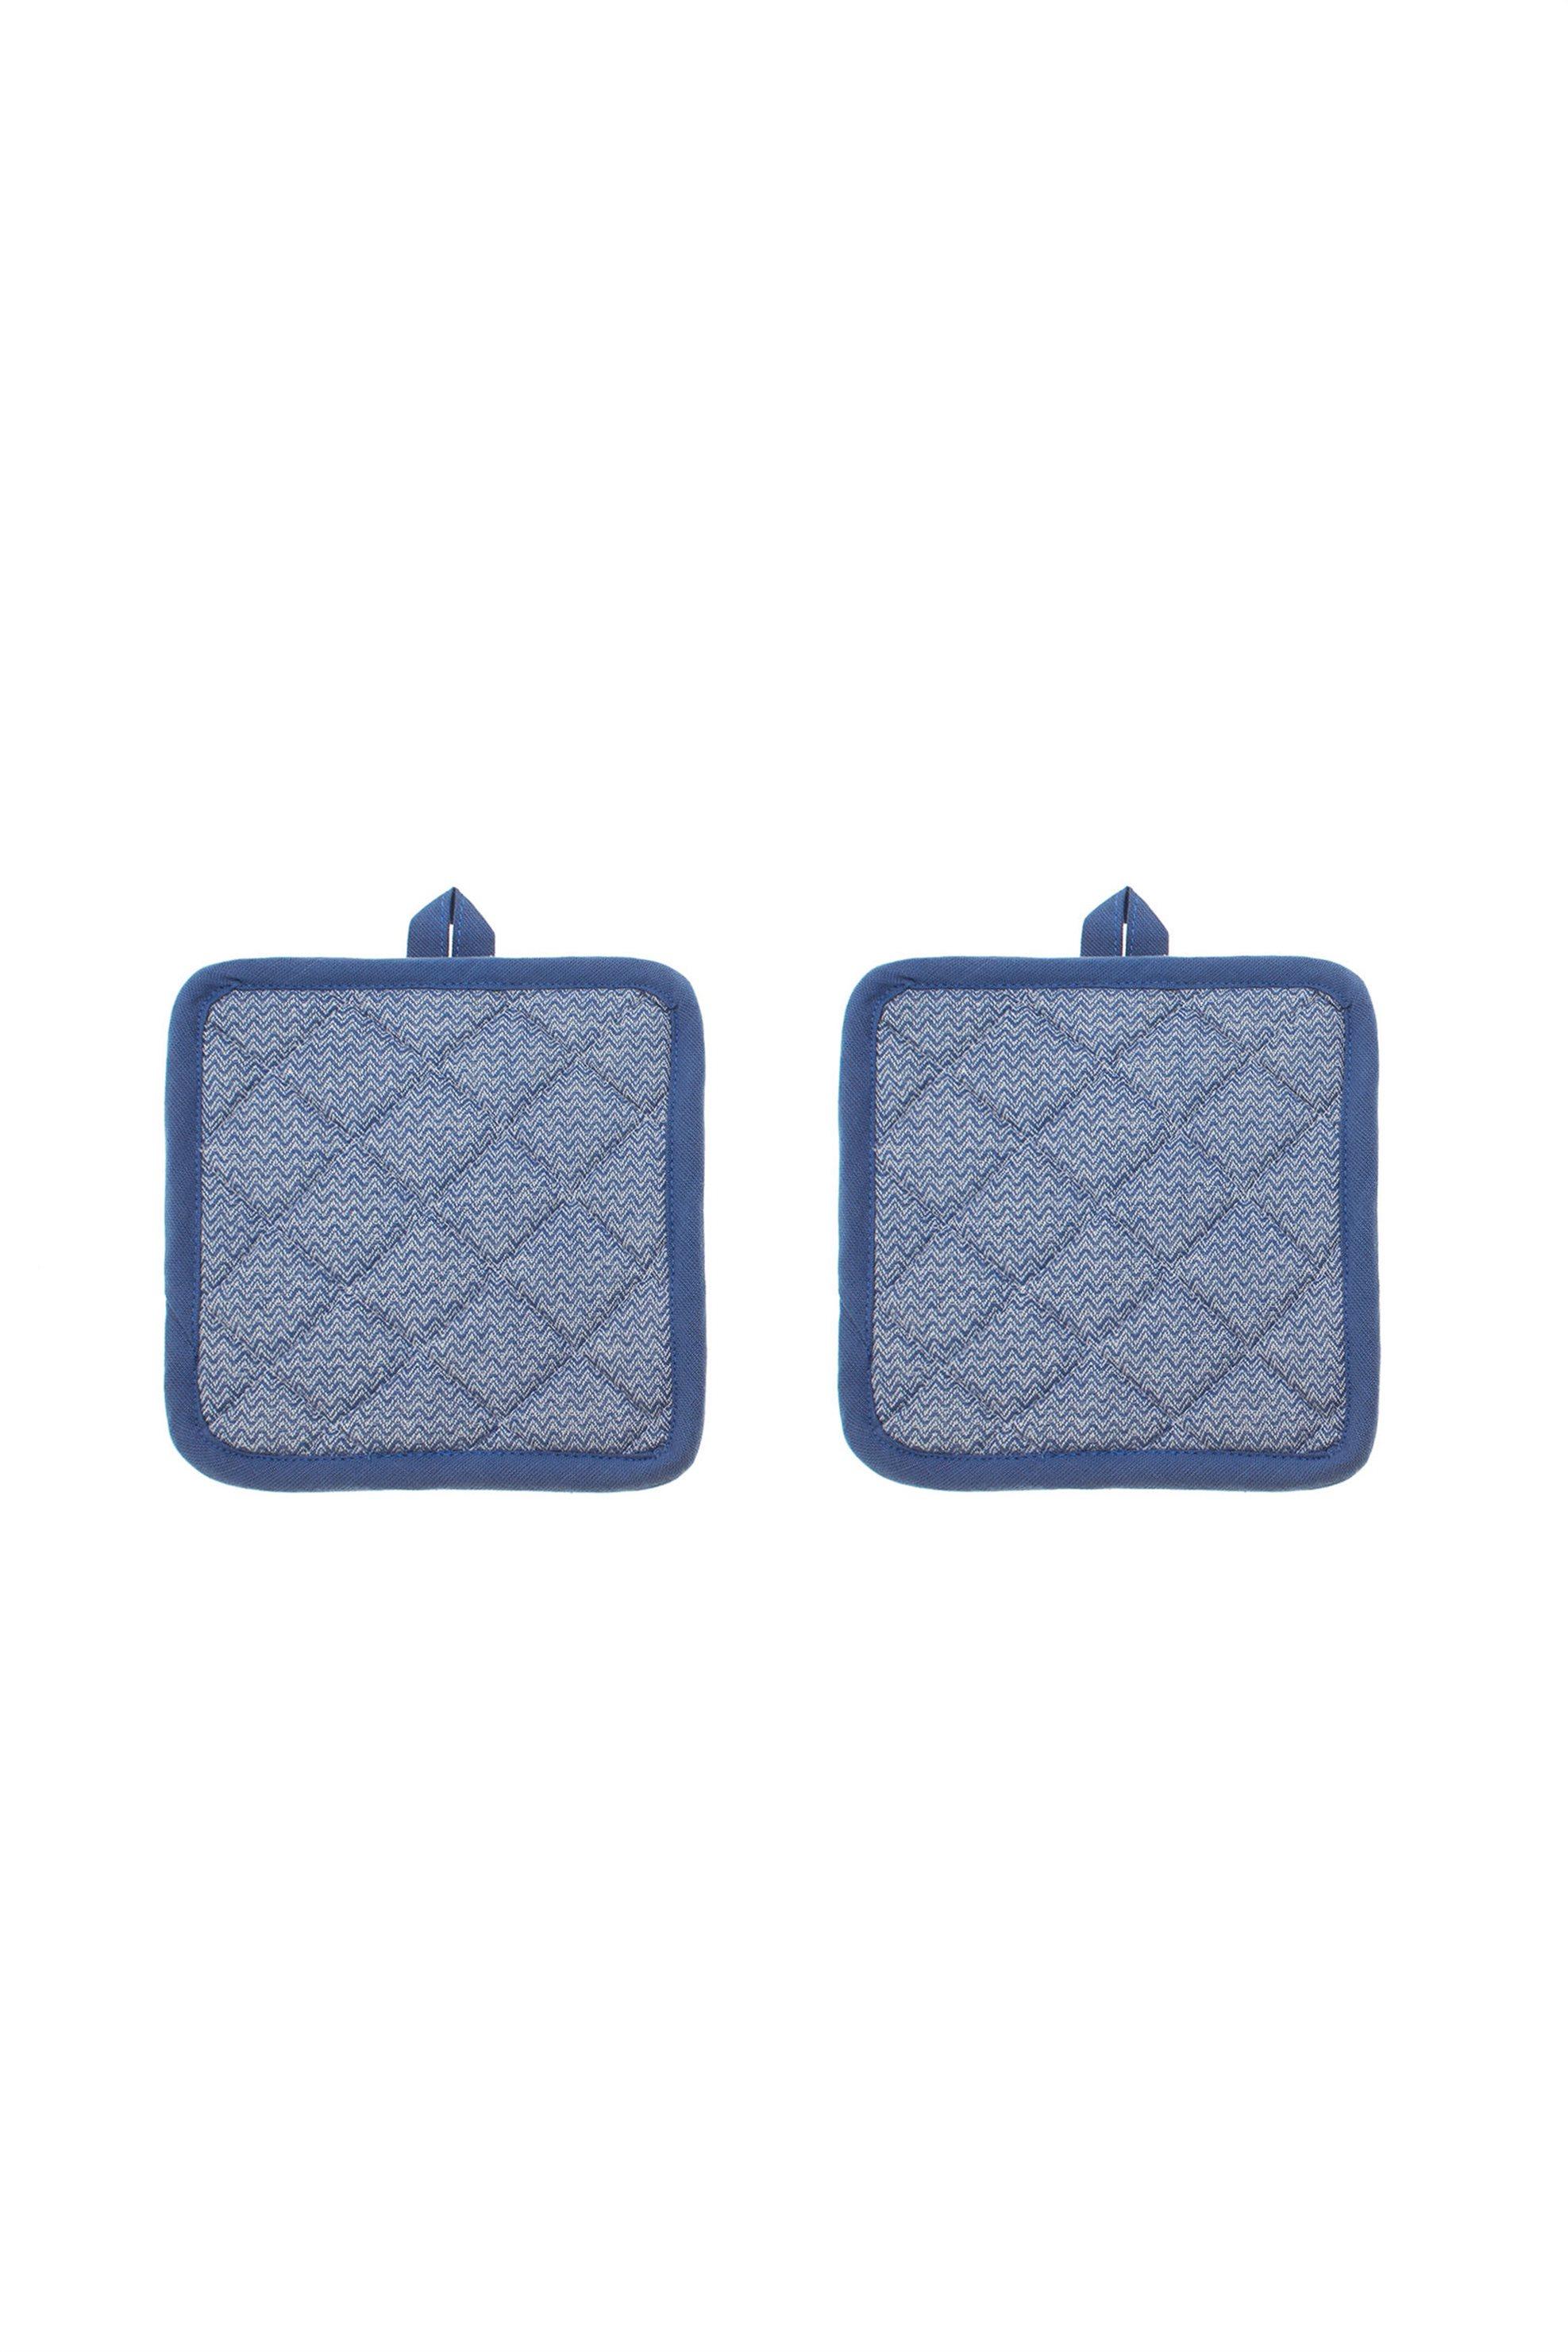 Σετ πιάστρες κουζίνας 18 x 18 cm ( 2 τεμάχια ) Coincasa - 000496119 - Μπλε home   κουζινα   αξεσουάρ kουζίνας   γάντια   πιάστρες κουζίνας